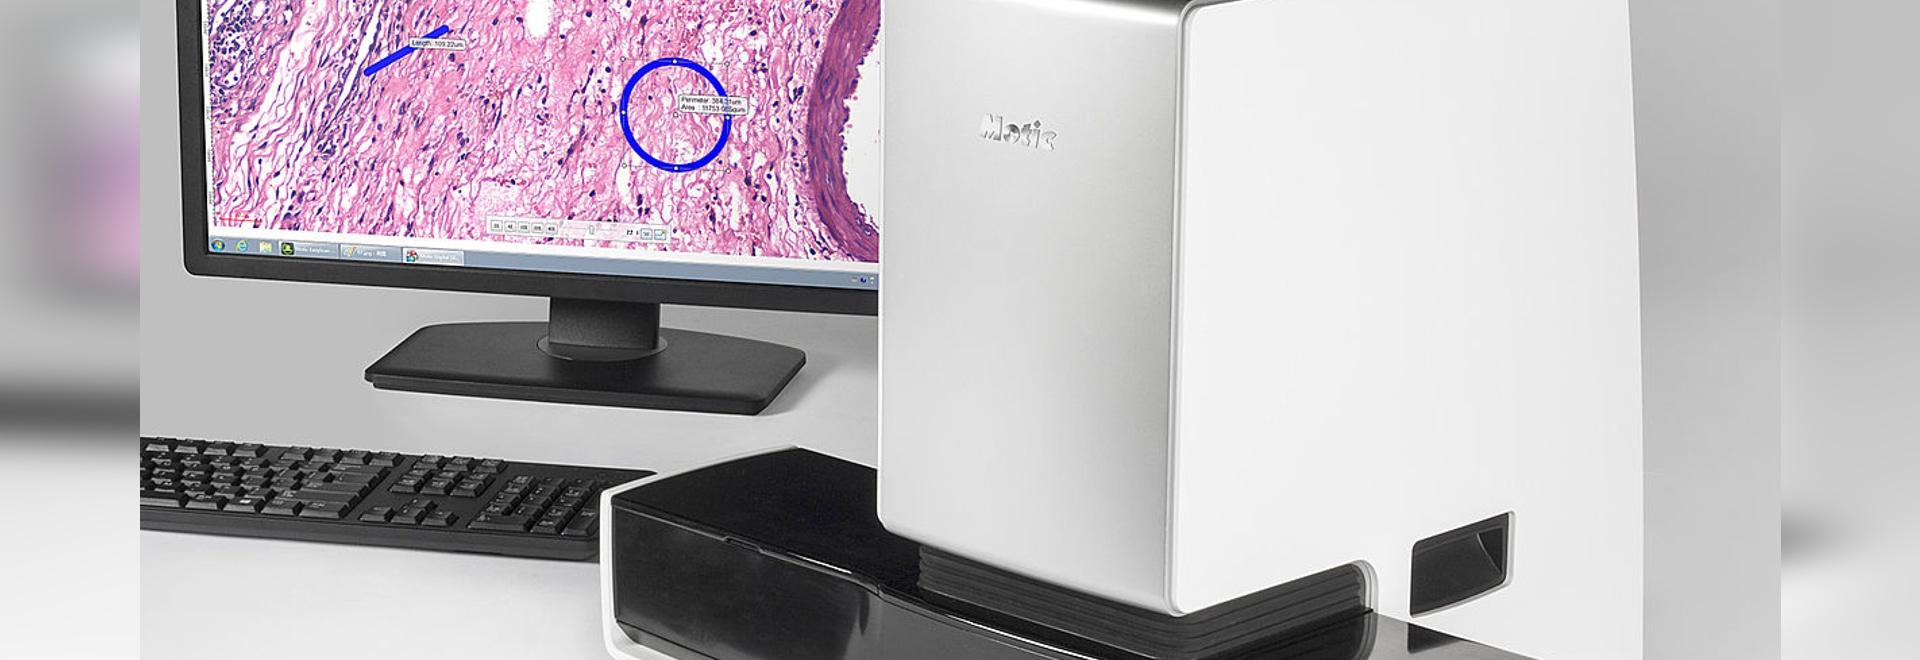 Los lanzamientos de los microscopios de Motic Uno-chascan el explorador de la diapositiva de Digitaces